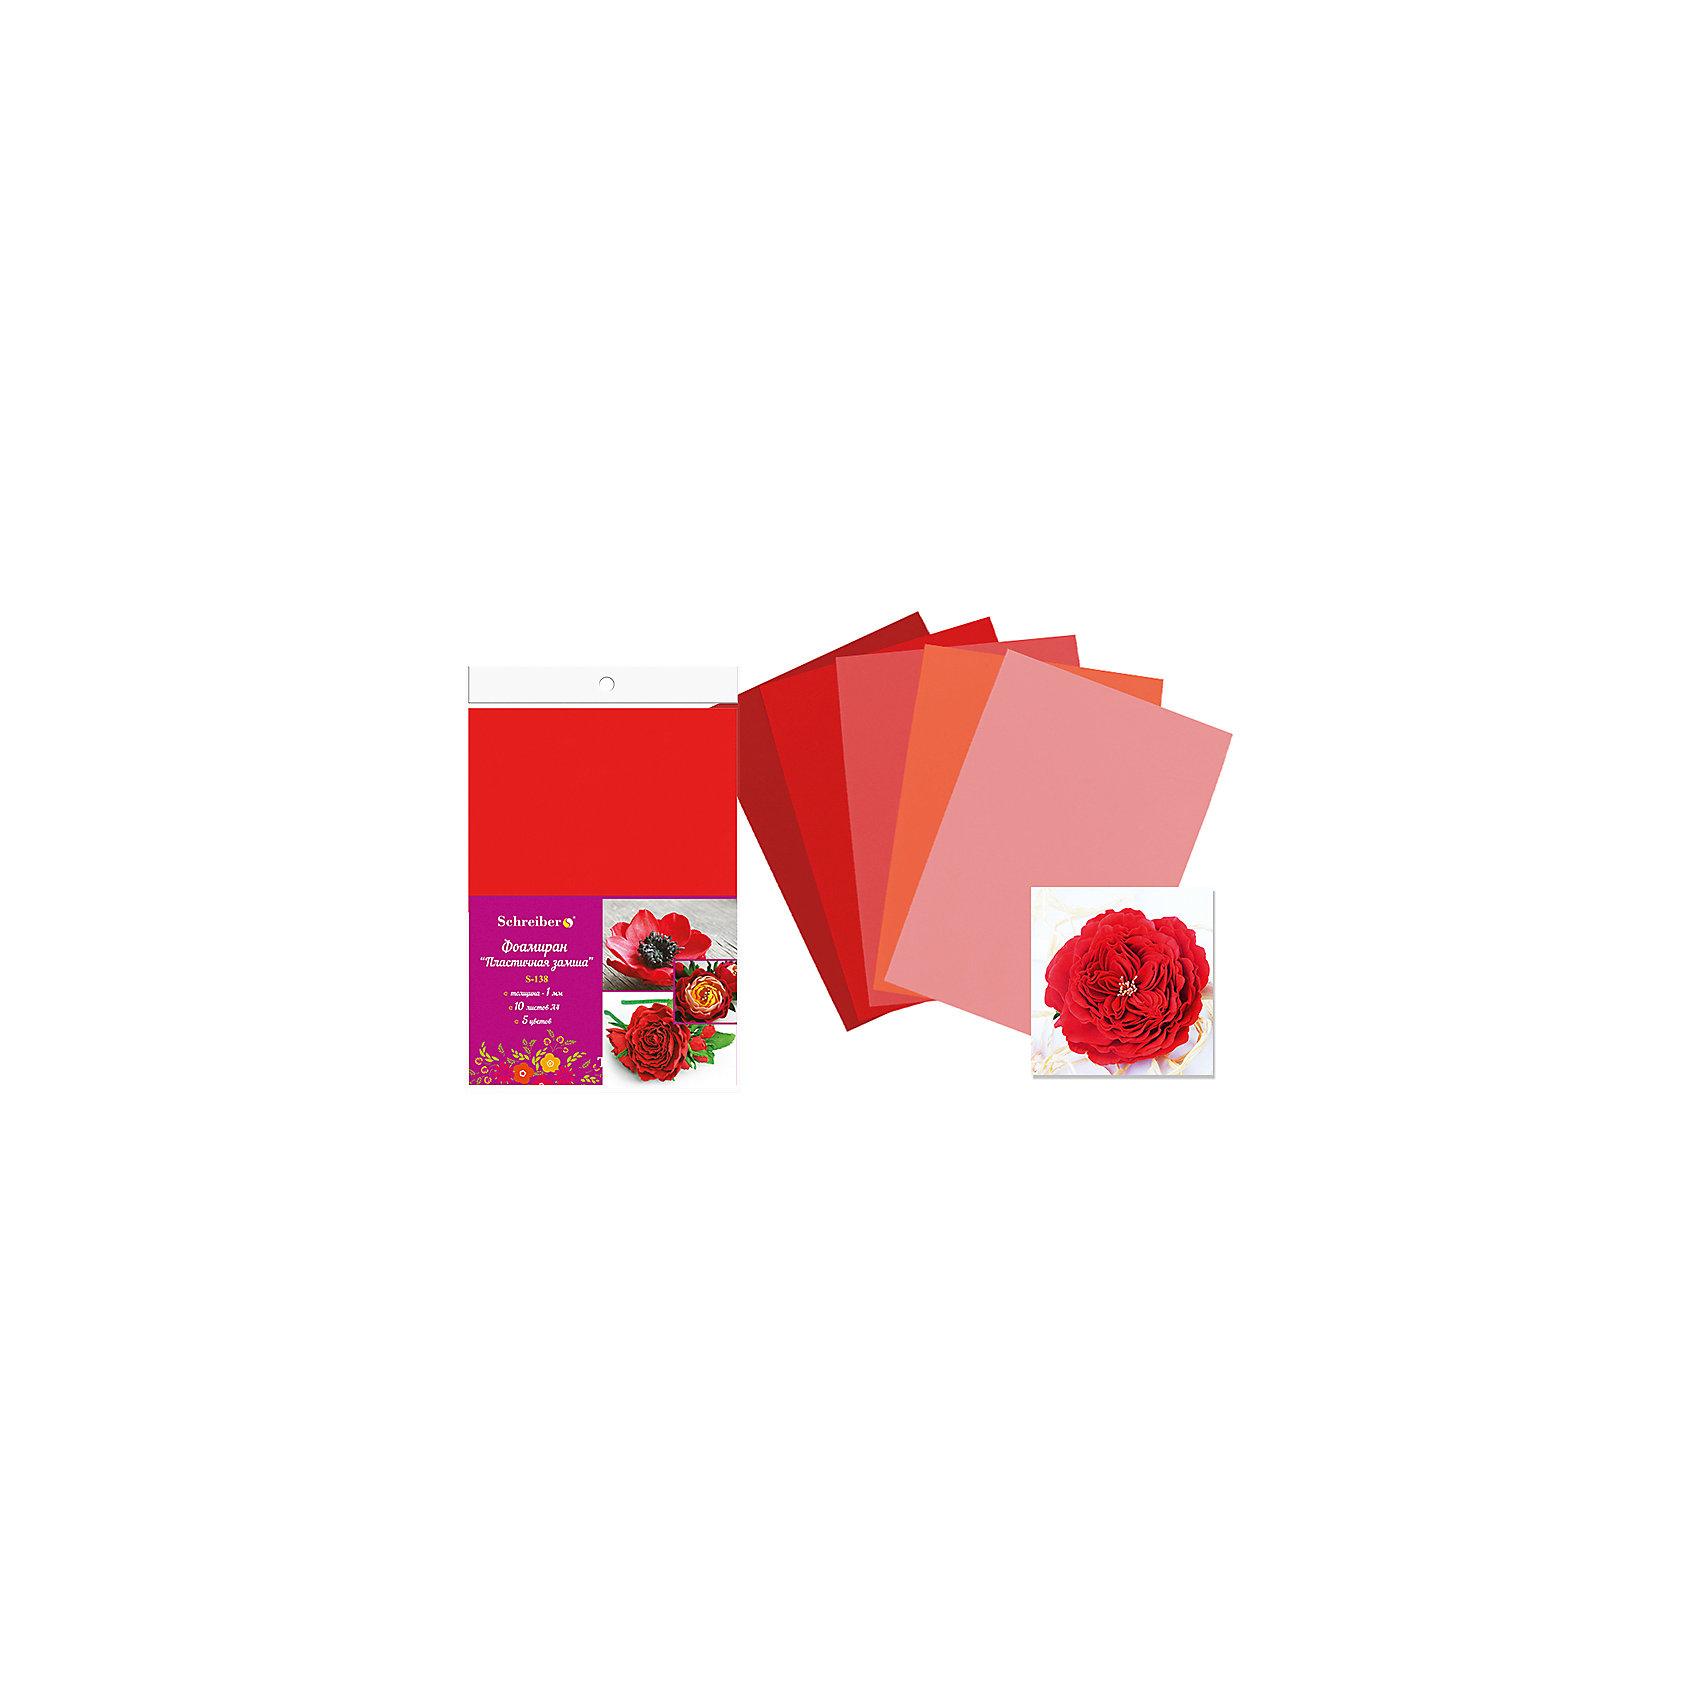 Набор фоамирана, 10листов, 1мм, А4, 5 цветов в ассортименте, красная палитраПоследняя цена<br>Набор фоамирана, 10листов, 1мм, А4, 5 цветов в ассортименте, красная палитра.<br><br>Характеристики:<br><br>• Возраст: от 6 лет<br>• Количество листов: 10 шт. формата А4<br>• Толщина листа: 1 мм.<br>• Количество цветов: 5 (красная палитра)<br><br>Фоамиран (пластичная замша) - популярный материал для творчества. Из него можно создавать декоративные цветы, украшения для волос, броши, небольшие забавные игрушки, декоративные элементы для фоторамок или блокнотов и многое другое. Работать с фоамираном просто и удобно, он режется ножницами, тянется, становится пластичным и меняет свою форму даже от тепла человеческих рук. Фоамиран очень легко моделируется и принимает нужную форму. Он тонируется акриловыми и масляными красками, сухой пастелью и даже тенями для глаз. Для создания цветов или аппликаций потребуется термоклей или секундный клей. Материал нетоксичен.<br><br>Набор фоамирана, 10листов, 1мм, А4, 5 цветов в ассортименте, красная палитра можно купить в нашем интернет-магазине.<br><br>Ширина мм: 330<br>Глубина мм: 8<br>Высота мм: 210<br>Вес г: 68<br>Возраст от месяцев: 72<br>Возраст до месяцев: 2147483647<br>Пол: Унисекс<br>Возраст: Детский<br>SKU: 5504490